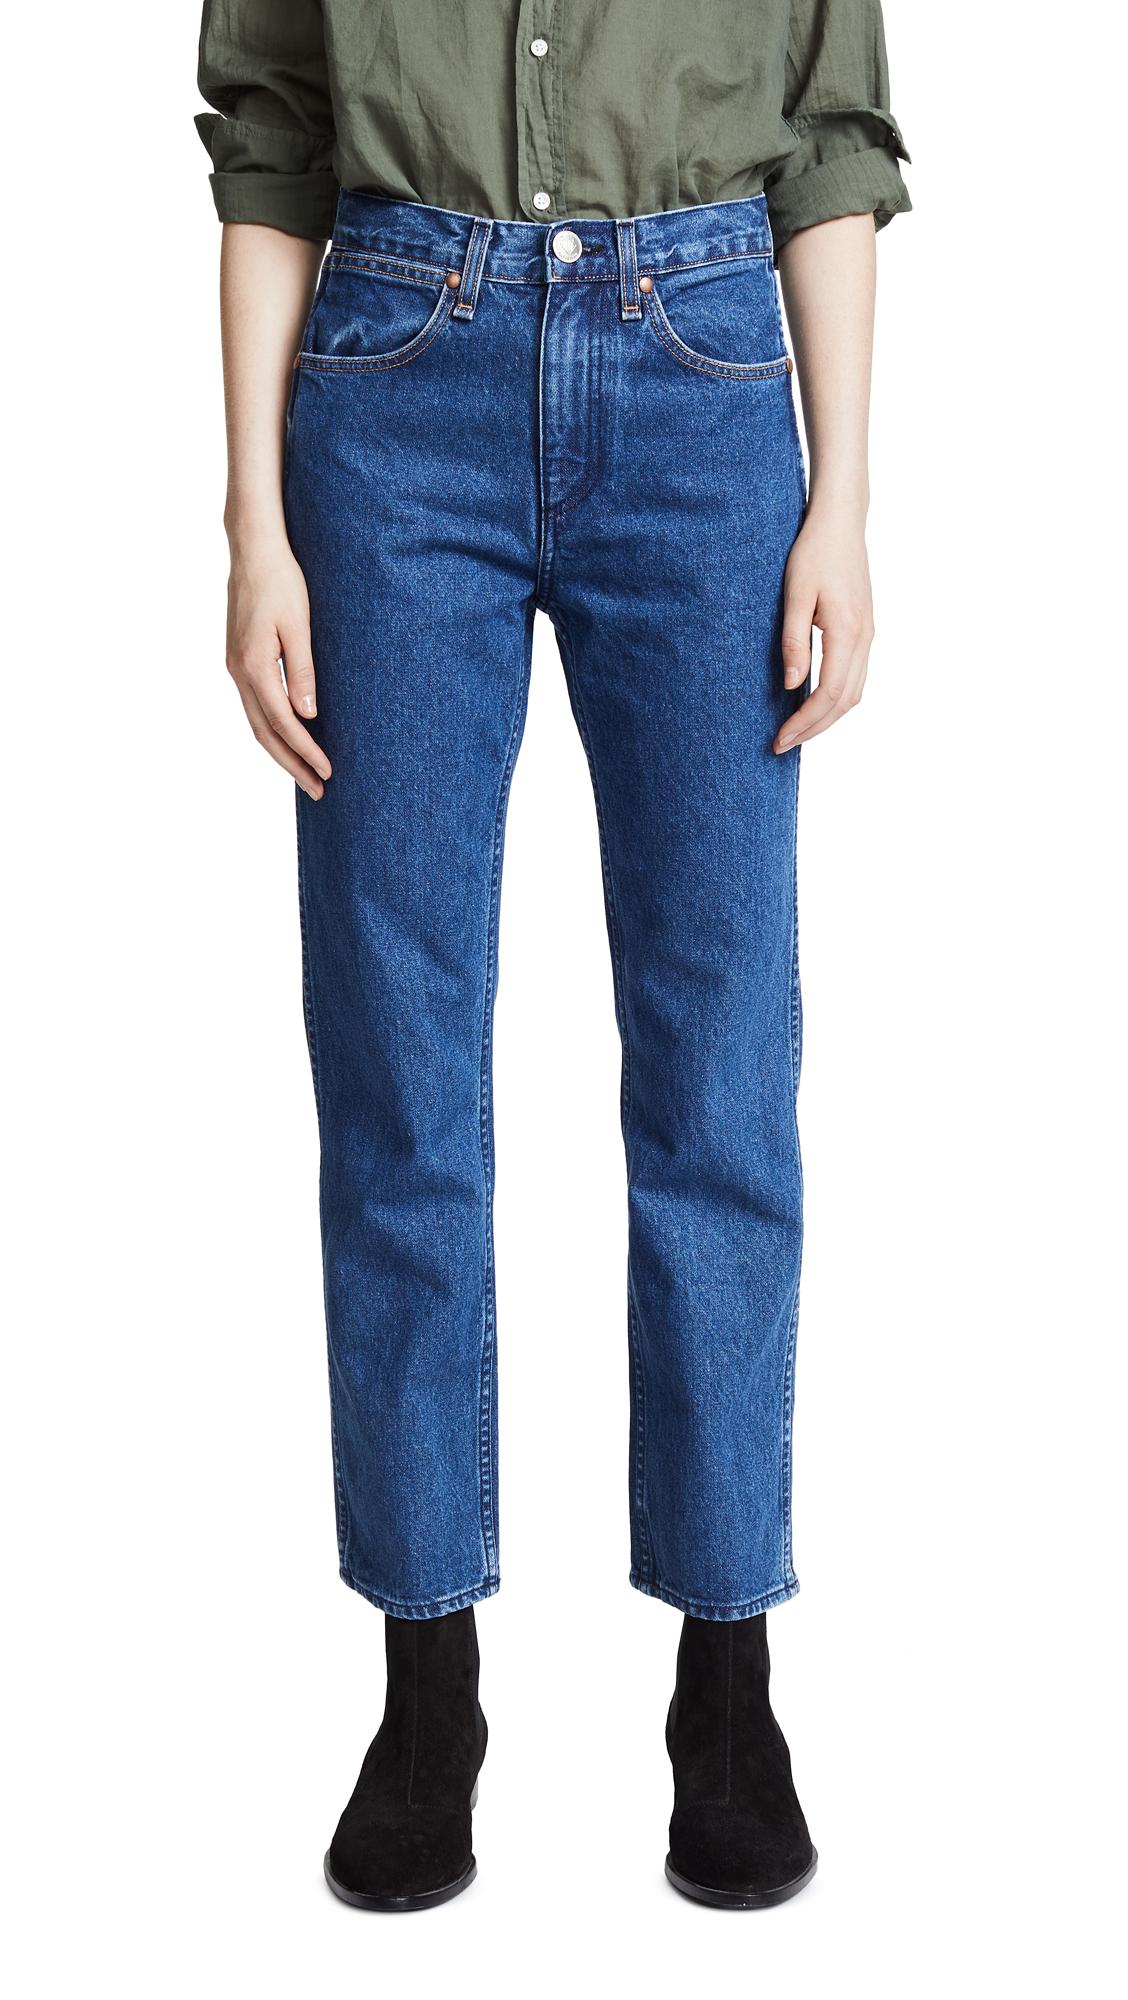 Rag & Bone/JEAN Vintage Straight Jeans In Vintage Bloo